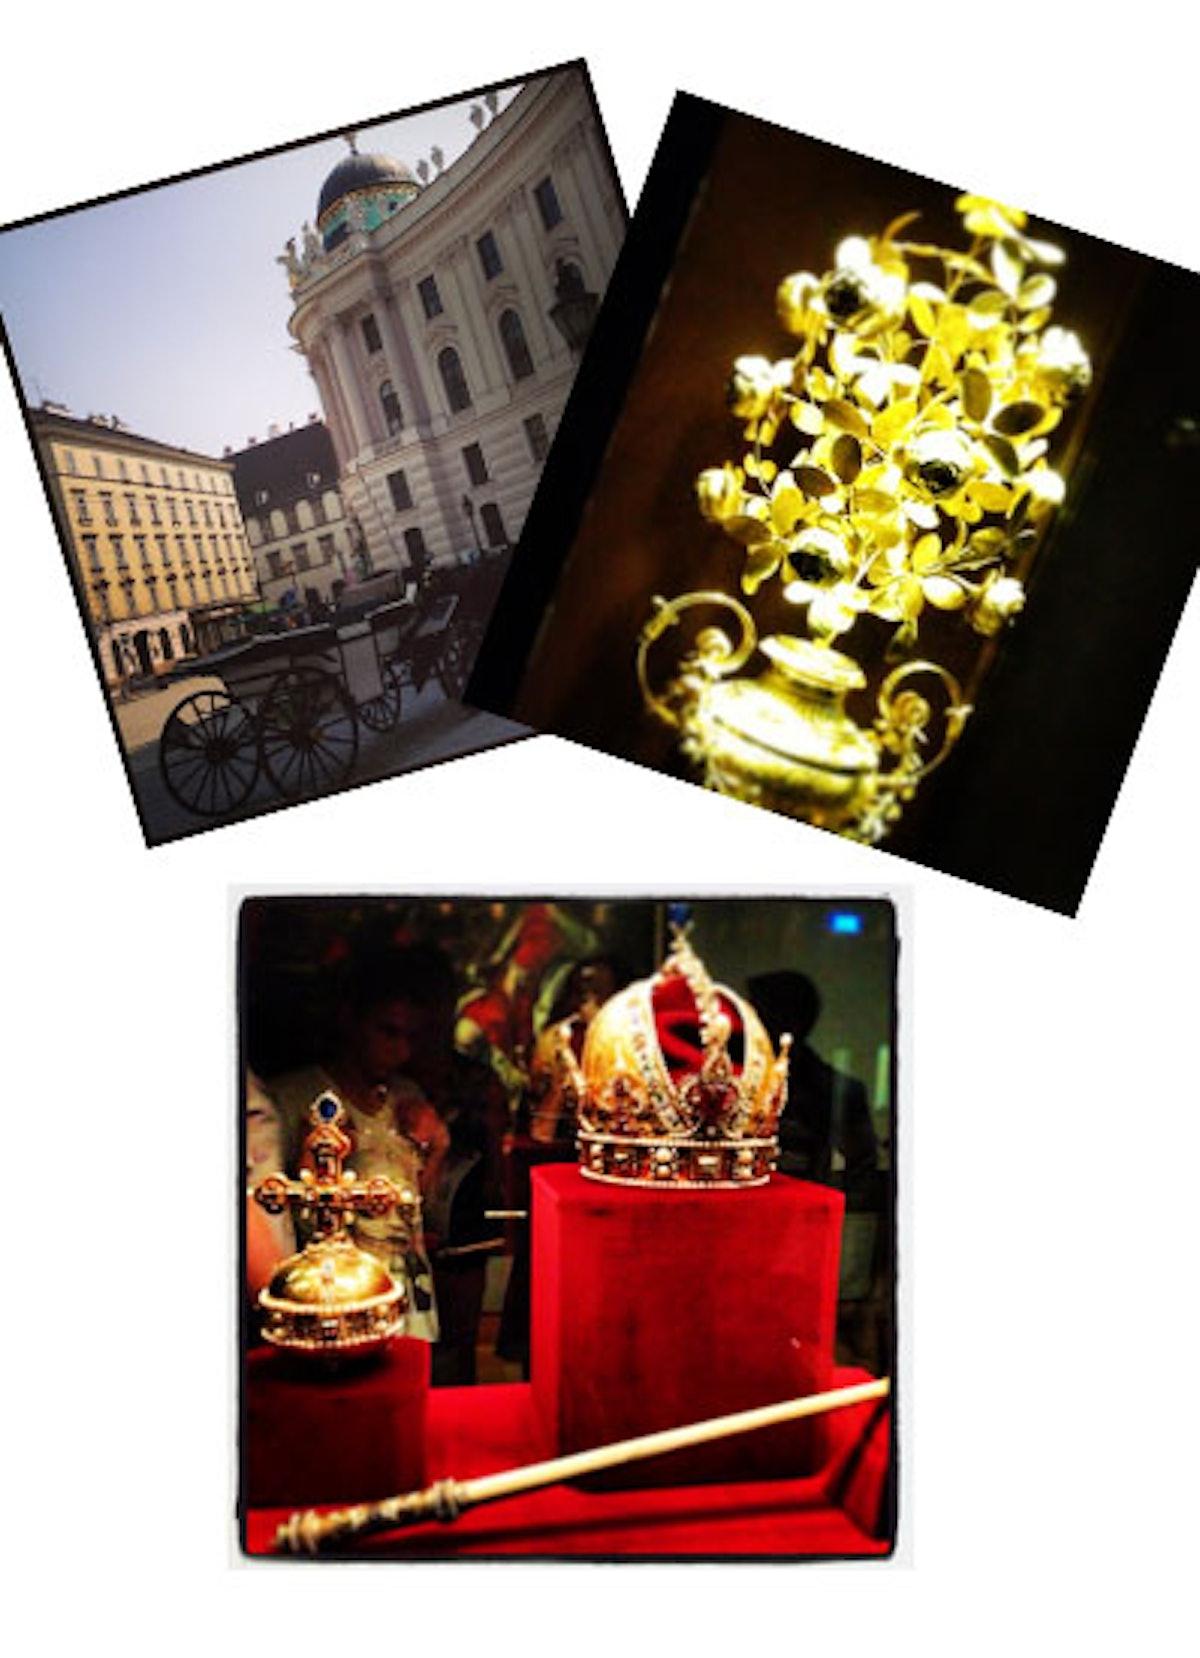 acss-LINK-swarovsk-jewelry-summit-01-v.jpg